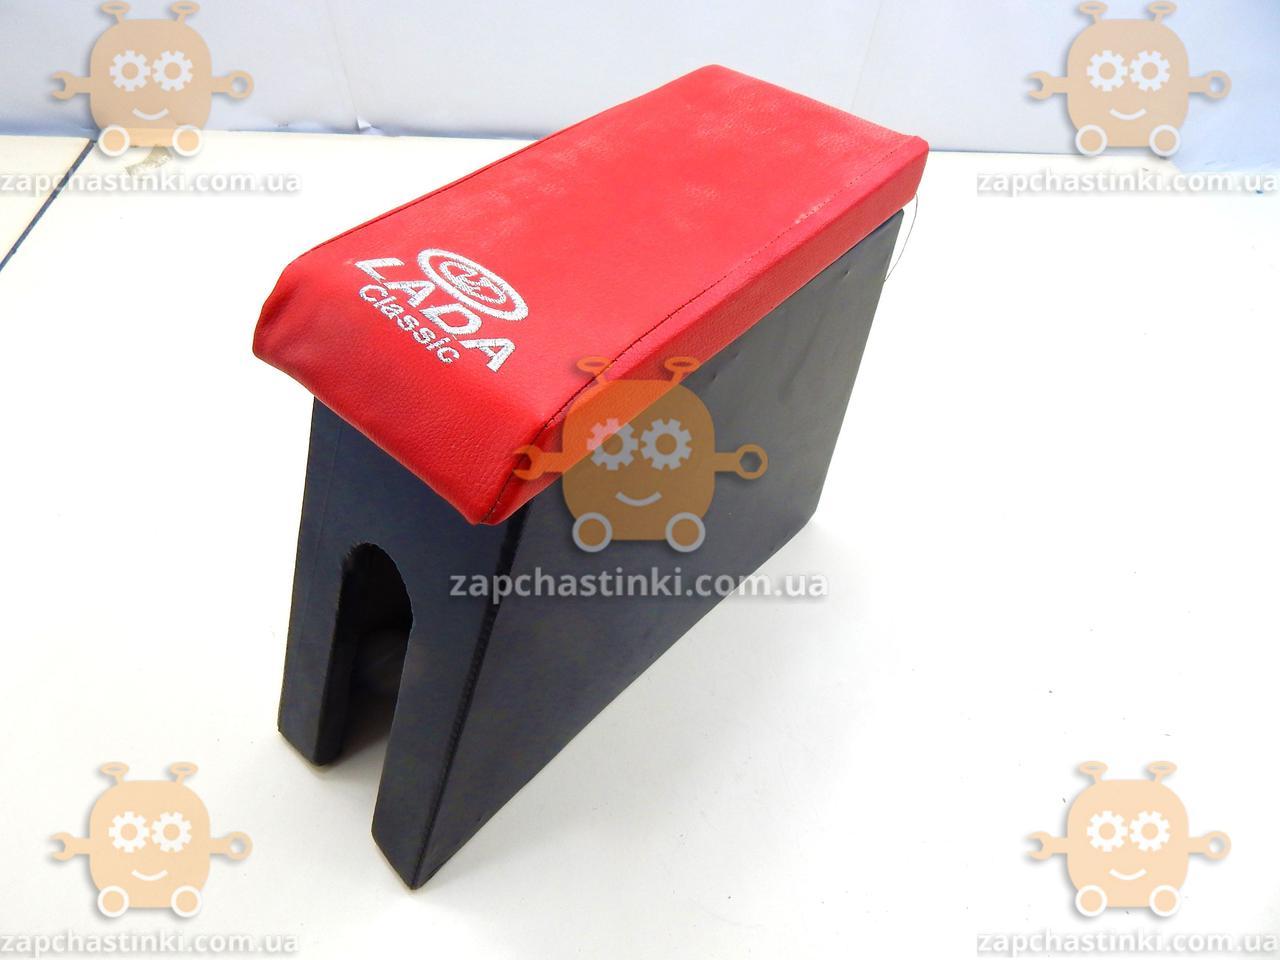 Подлокотник ВАЗ 2107 ТЮНИНГ! Красный (широкий 13см) также на 2101 - 2106 подходит (пр-во Россия) ПИР 20375